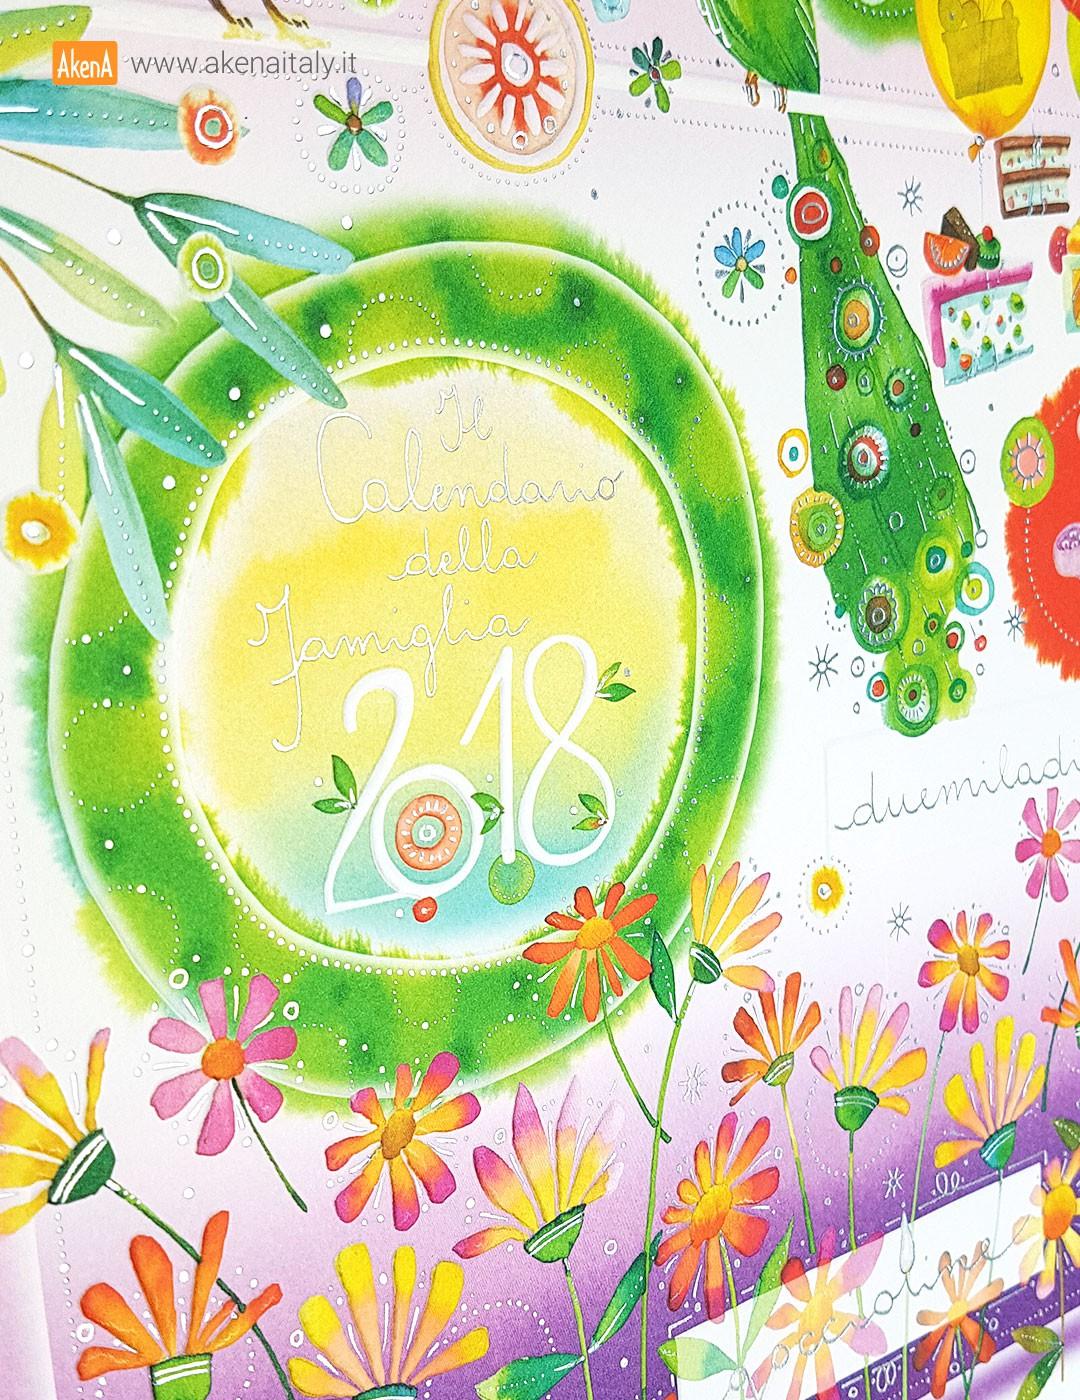 Goccioline Calendario.Il Calendario Della Famiglia La Matricola